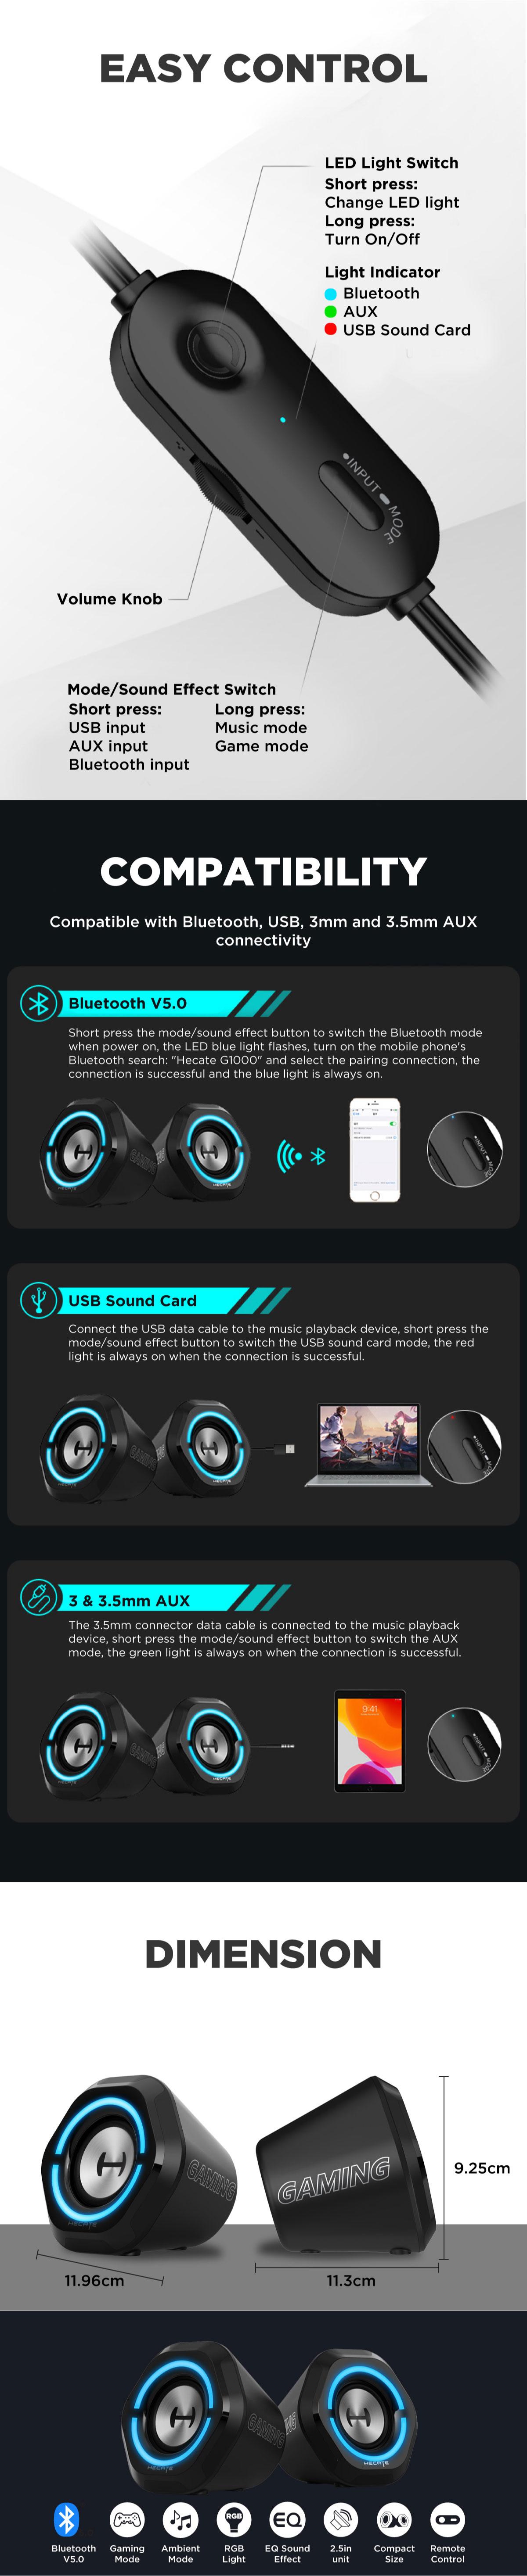 Edifier G1000 Gaming Speaker